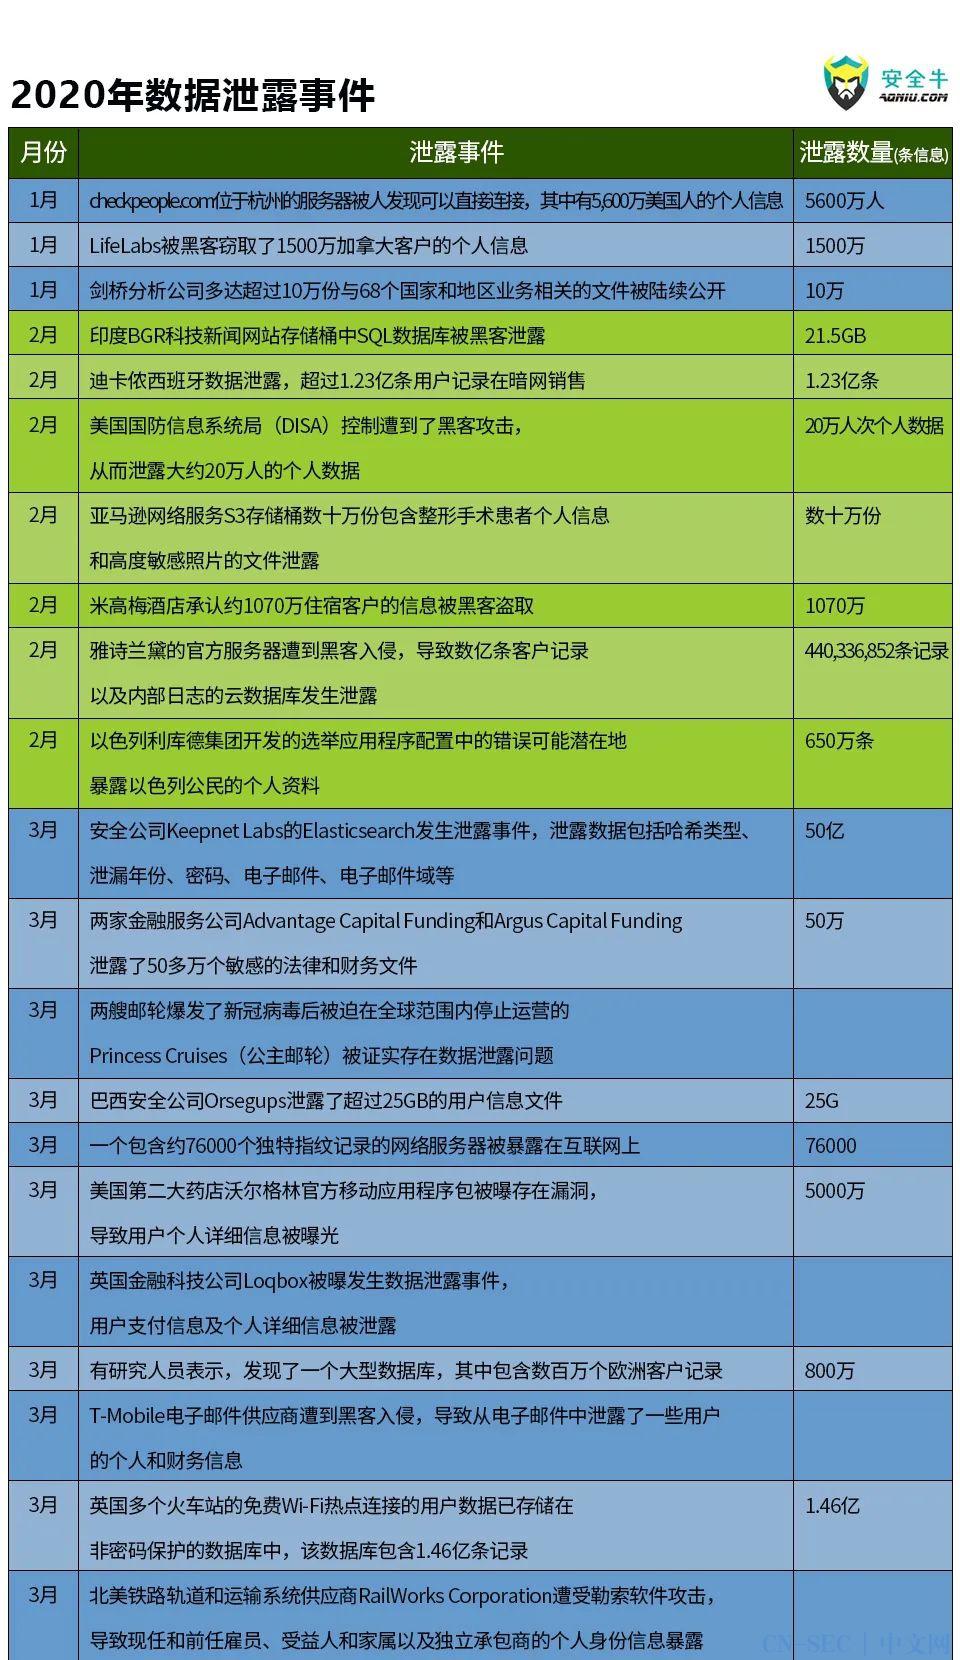 【安全圈】2020年网络安全大事记